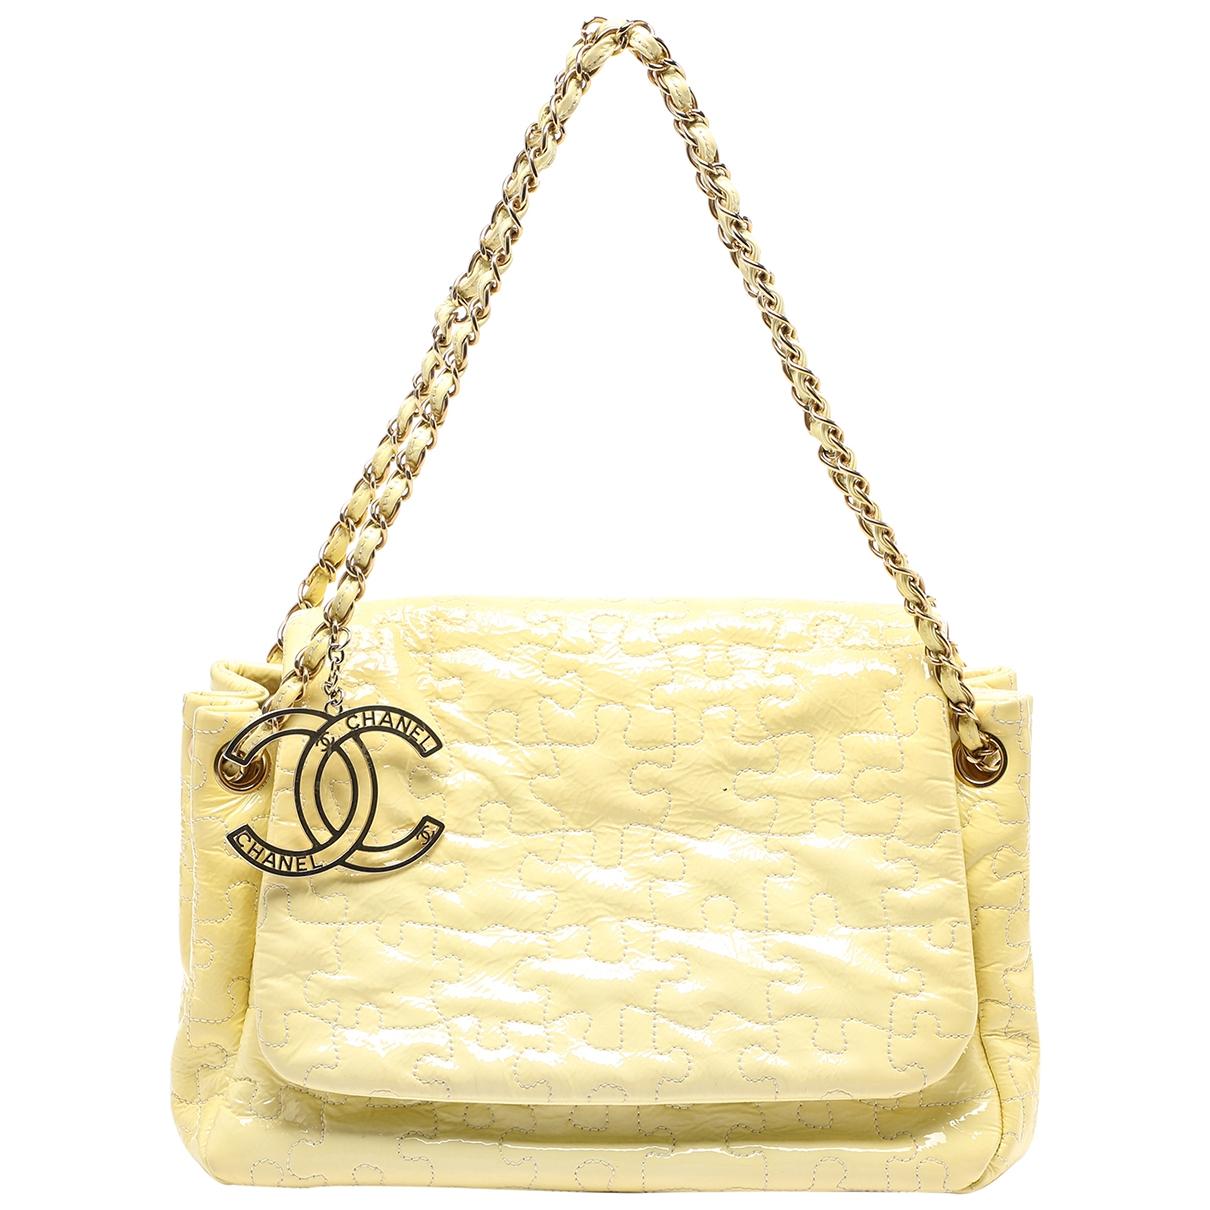 Chanel - Sac a main   pour femme en cuir verni - jaune